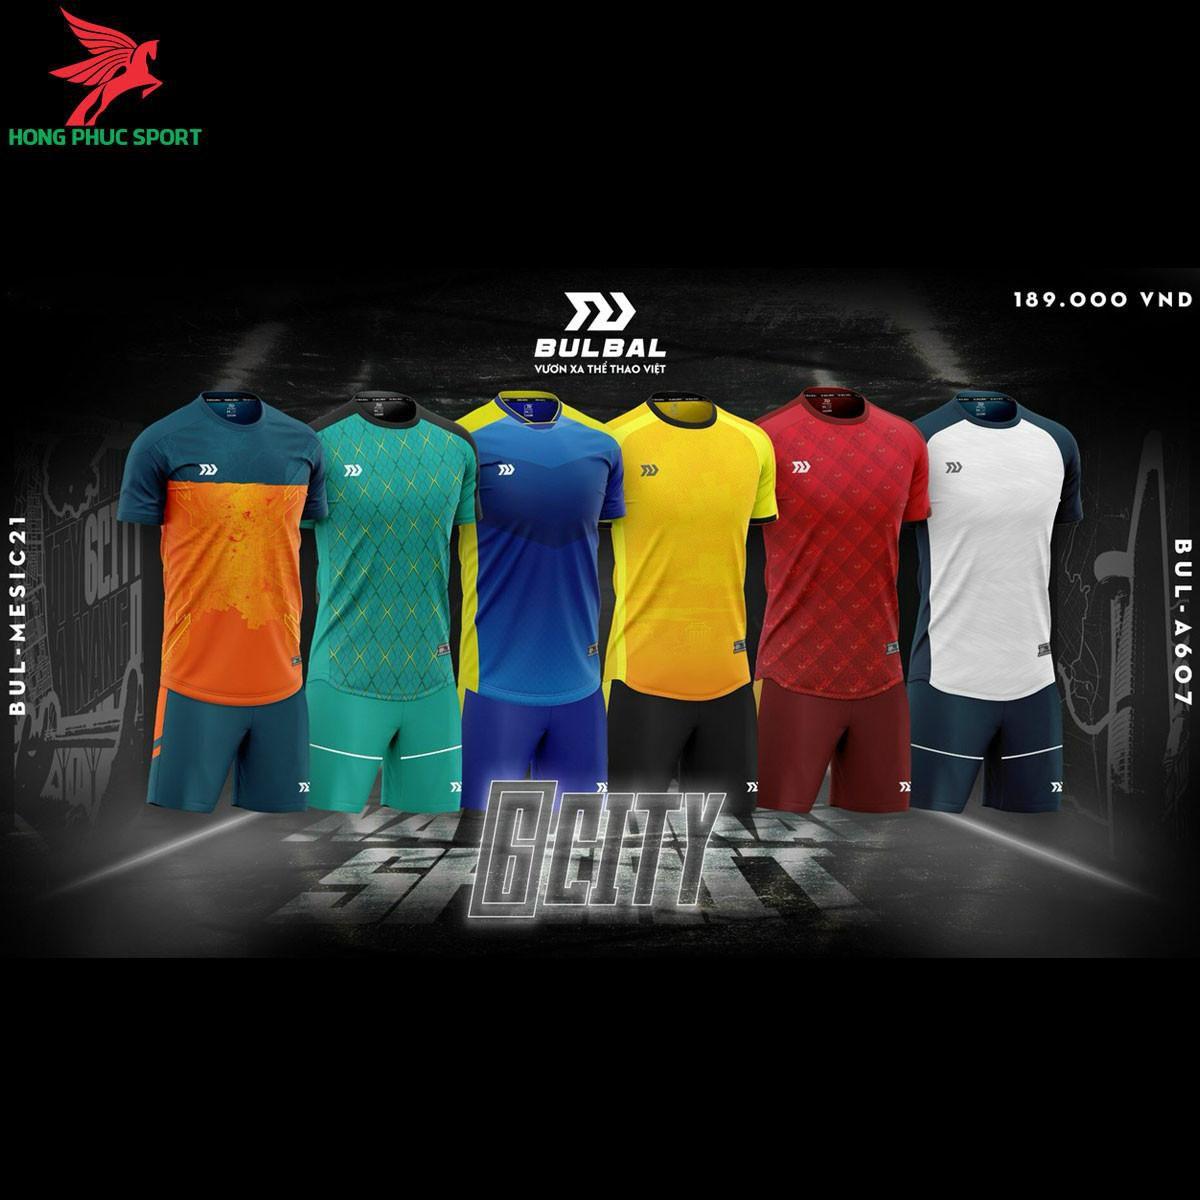 https://cdn.hongphucsport.com/unsafe/s4.shopbay.vn/files/285/ao-bong-da-khong-logo-bulbal-6city-1-604737164698a.jpg